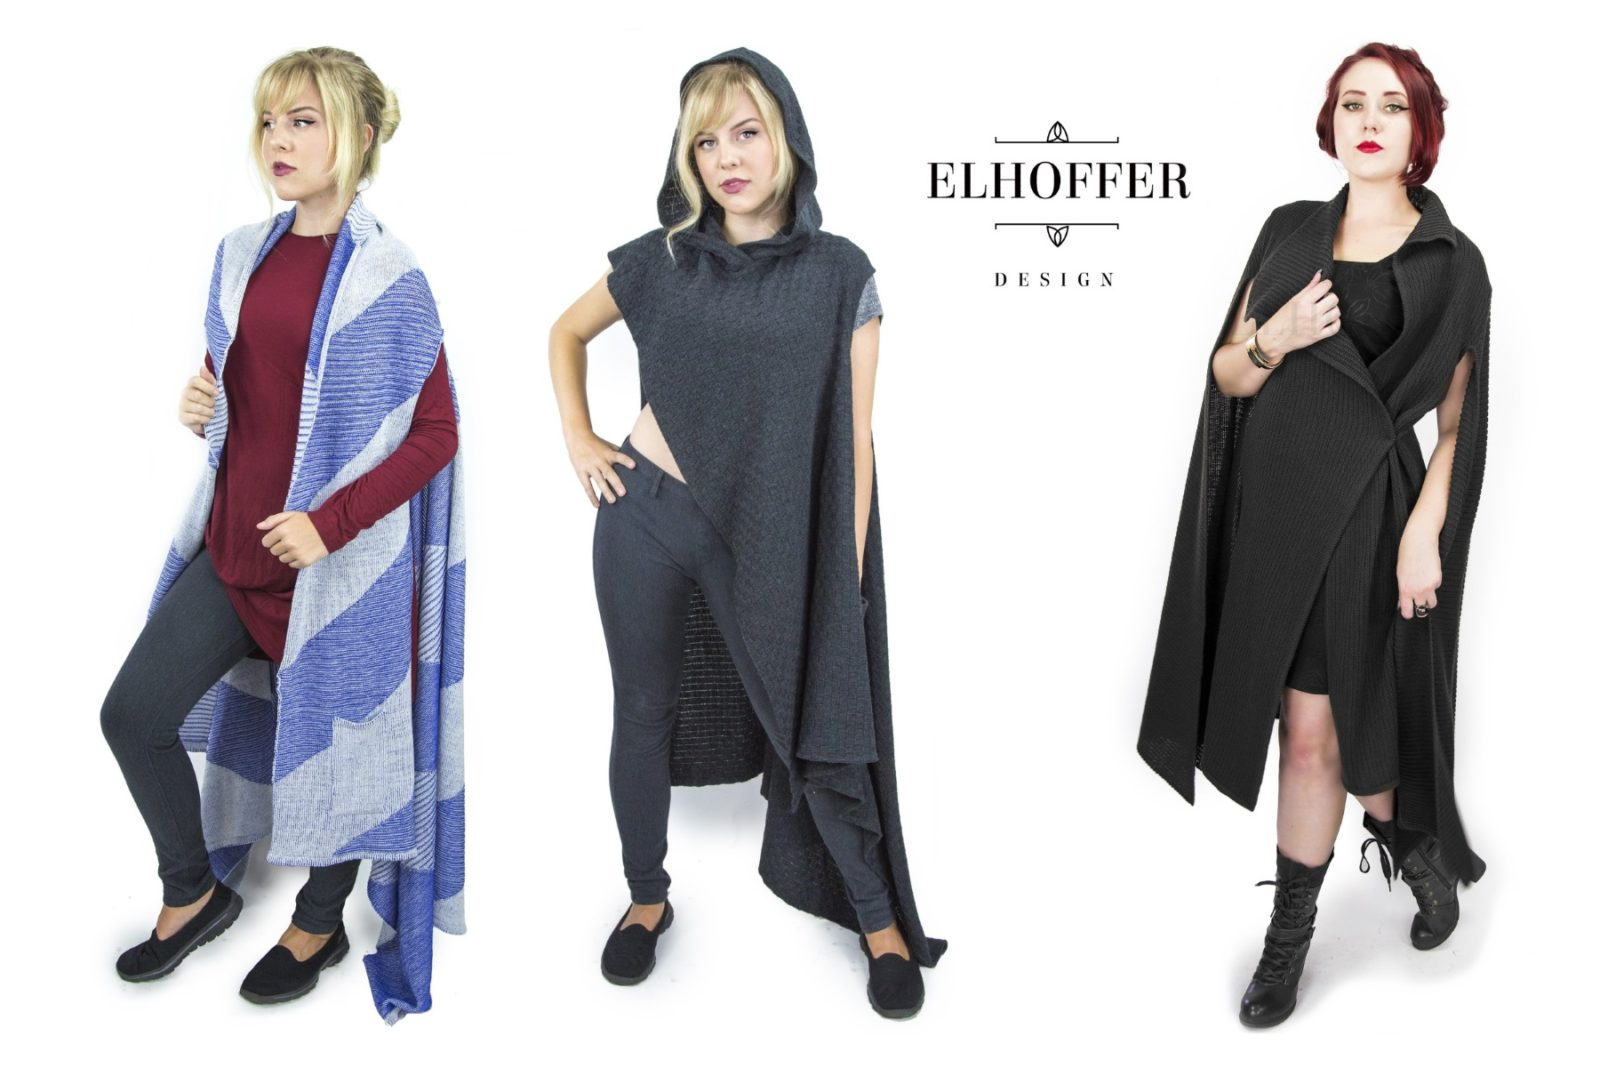 Interview with Elhoffer Design – Part 2